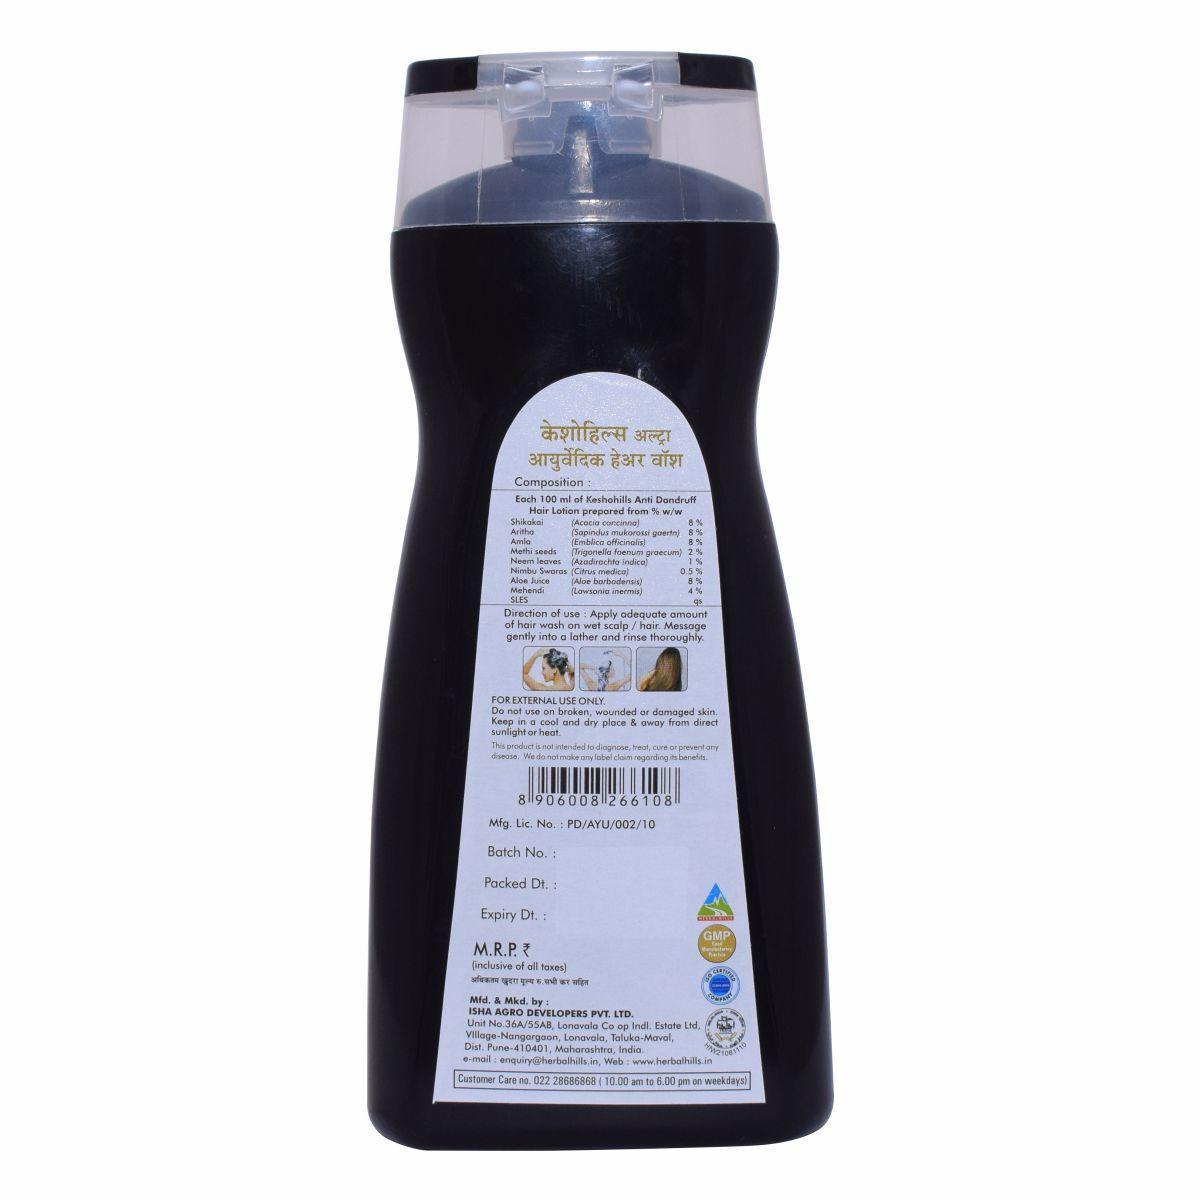 Herbal Hair wash shampoo - Keshohills Hair wash